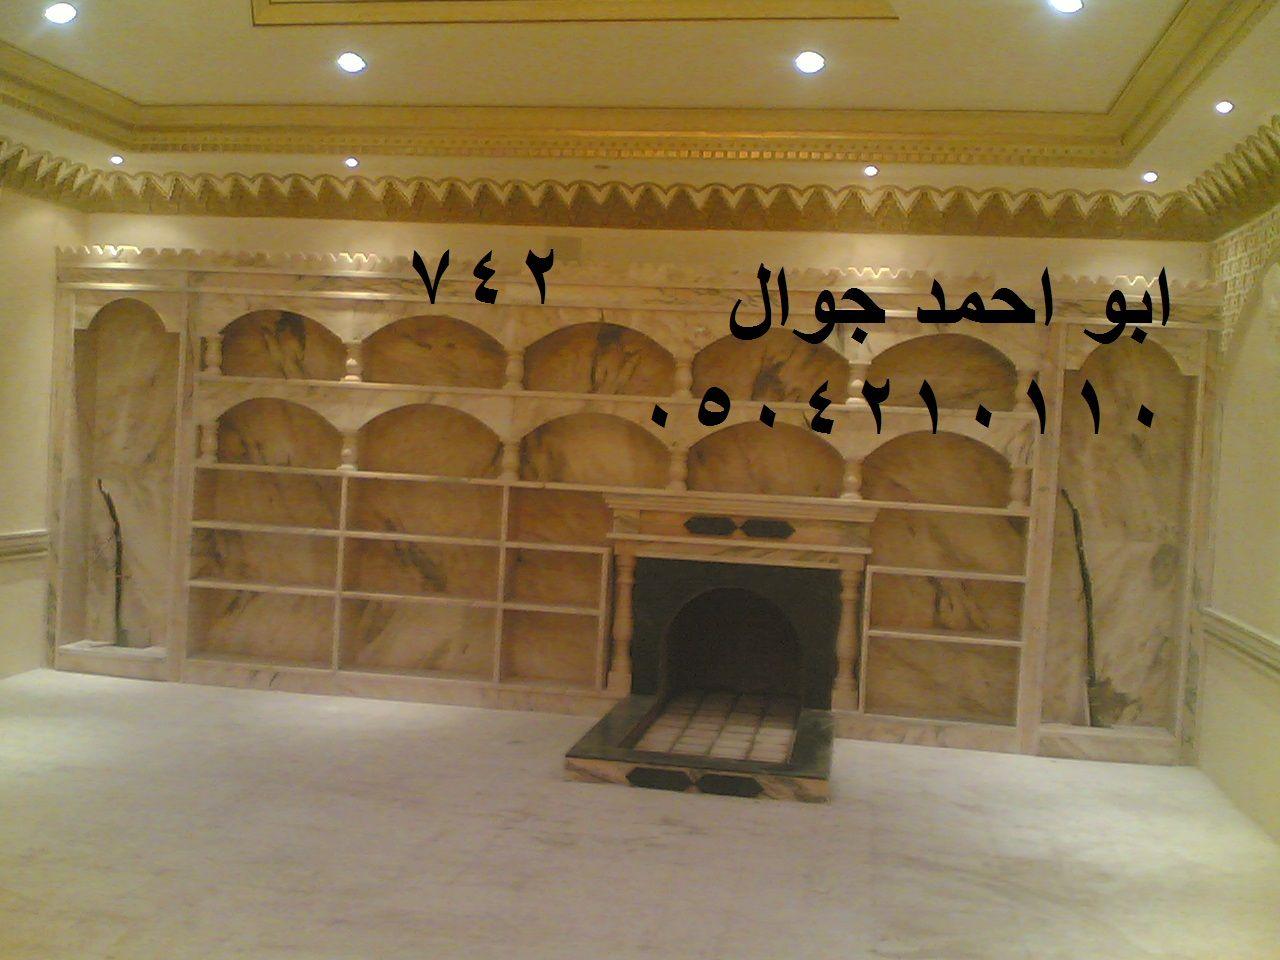 احلي الديكورات المميزة وصور المشبات الراقية بالرخام Http Www Mesbat Com Home Decor Decor Home